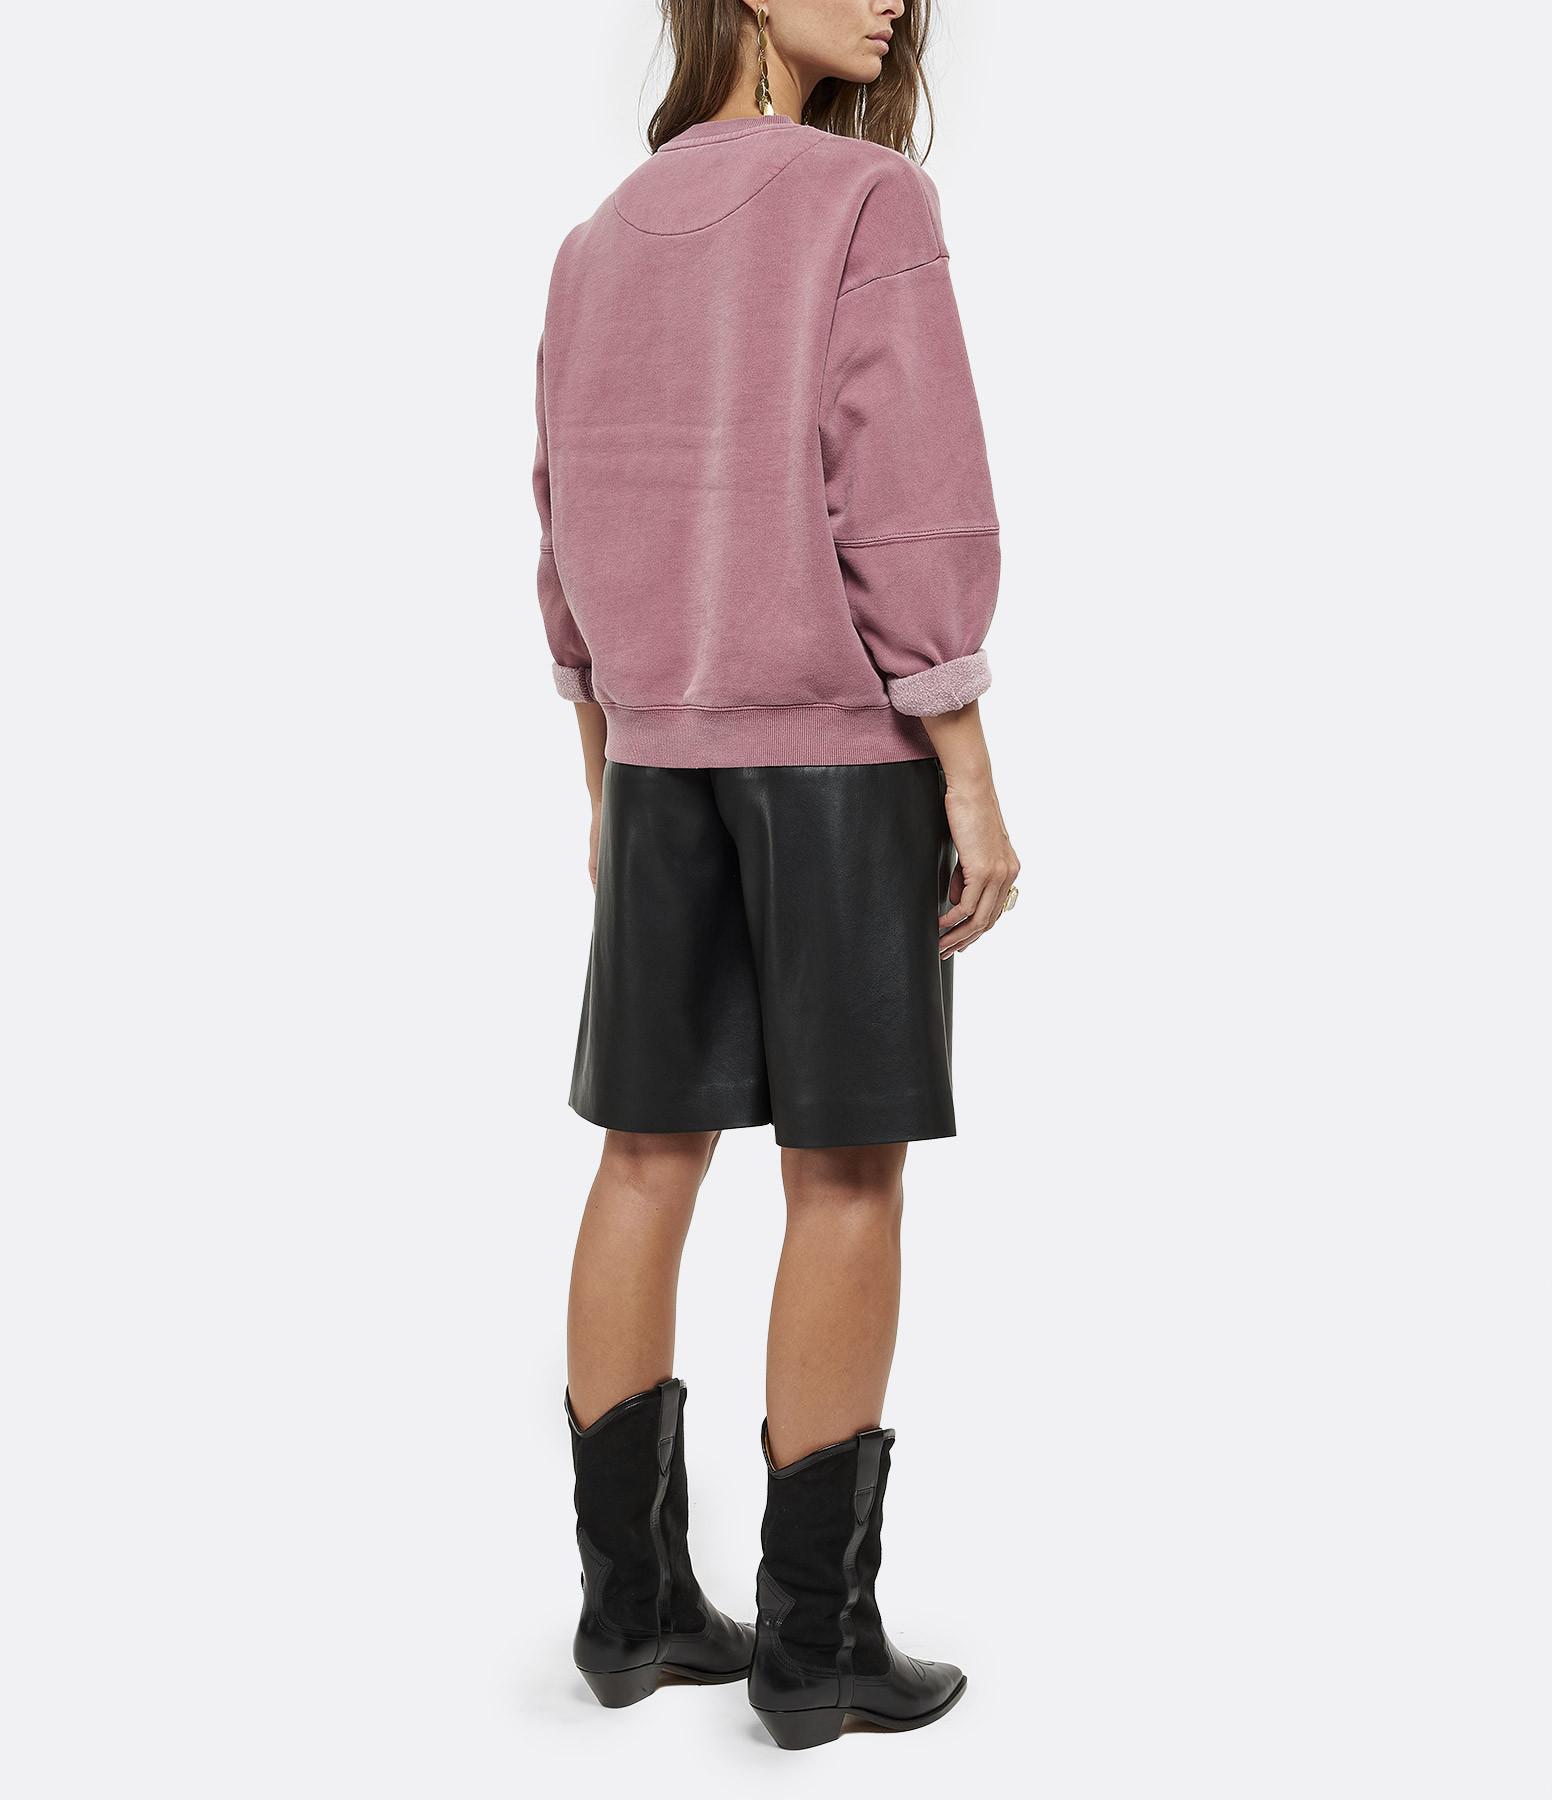 NEWTONE - Sweatshirt Roller Rockin Coton Brique